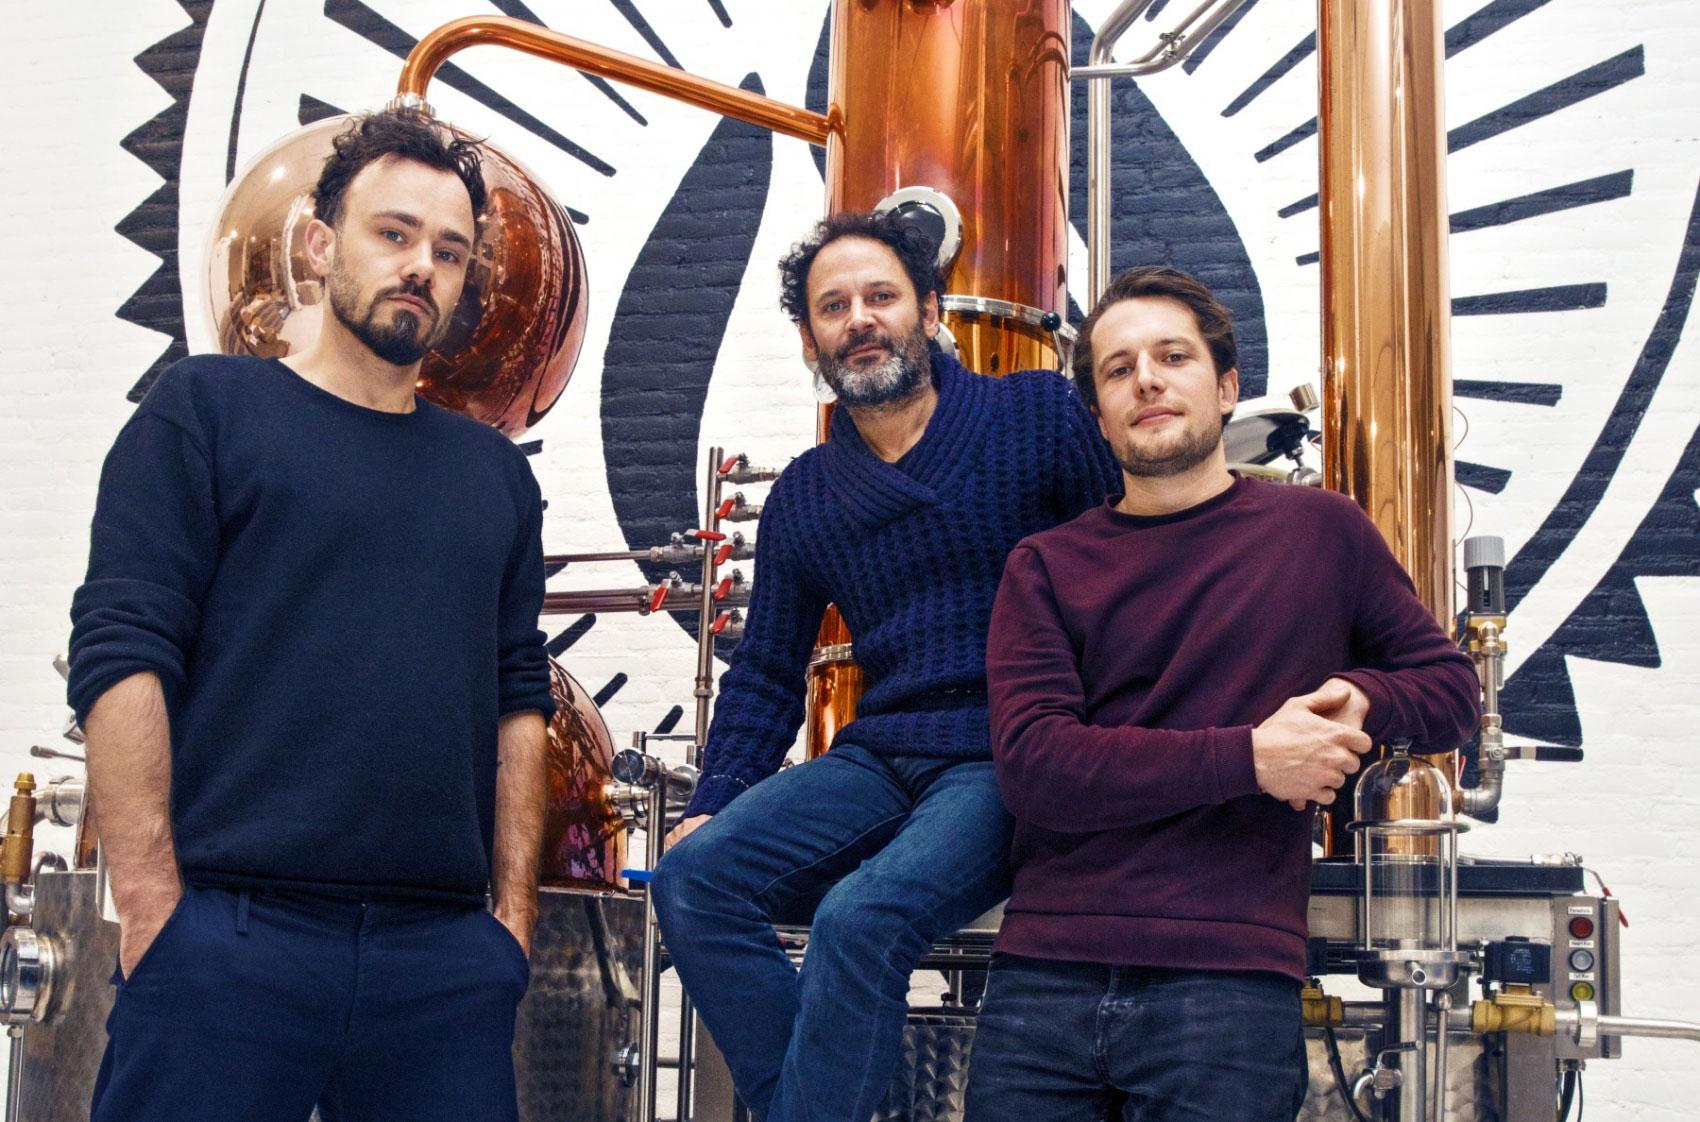 Oprichters The Stillery over het stoken van hun eigen drank